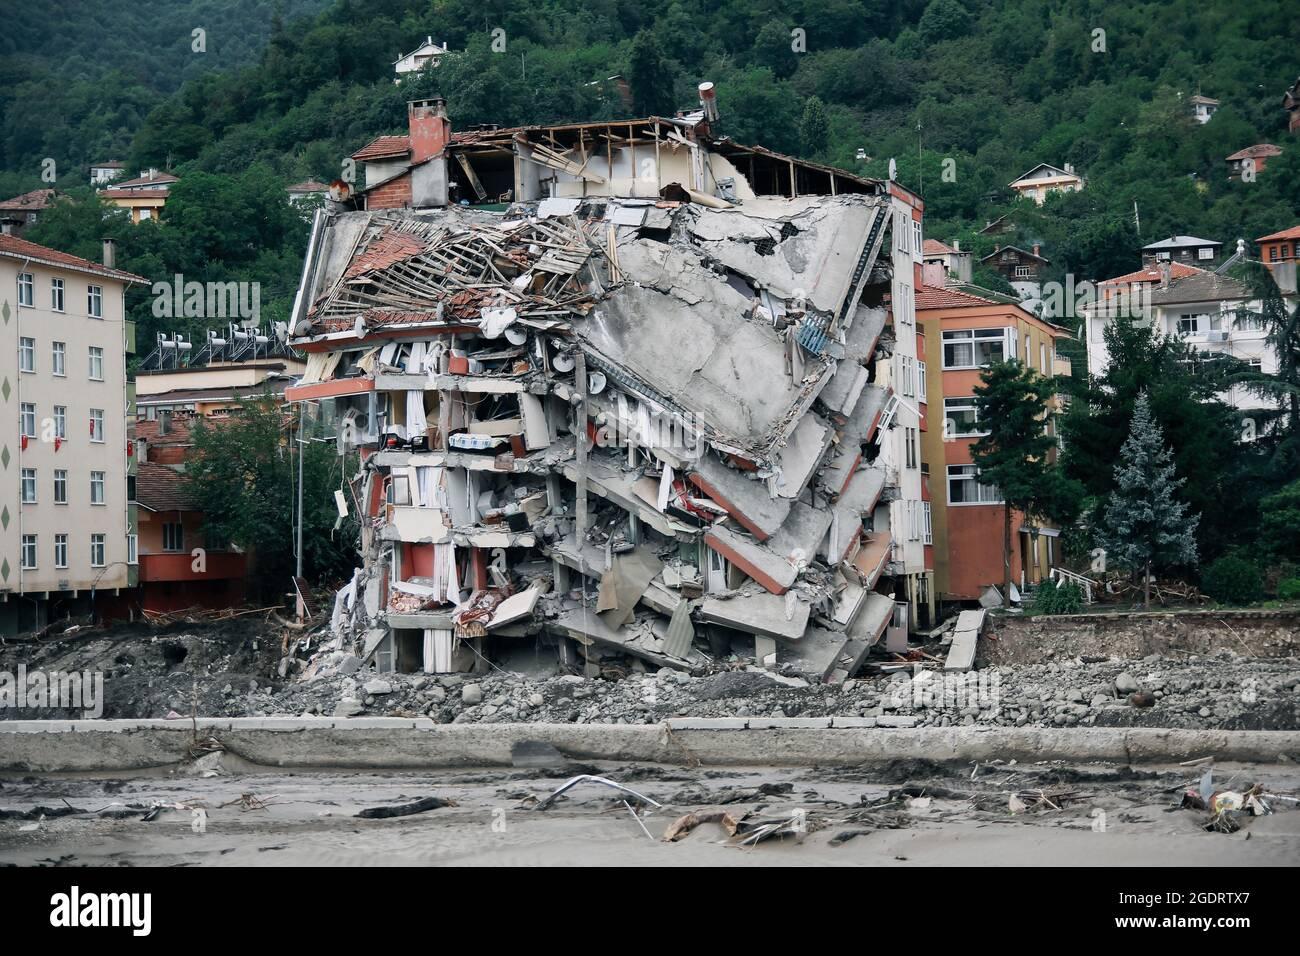 Kastamonu, Bozkurt, Turchia. 14 agosto 2021. Nel disastro delle inondazioni nella regione turca del Mar Nero, 58 persone hanno perso la vita a Kastamonu, Sinop e Bartin. Il ministro degli interni Suleyman Soylu, nella zona di catastrofe, ha dichiarato che 77 persone sono state segnalate disperse. (Credit Image: © Sedat ElbasanZUMA Wire) Credit: ZUMA Press, Inc./Alamy Live News Foto Stock